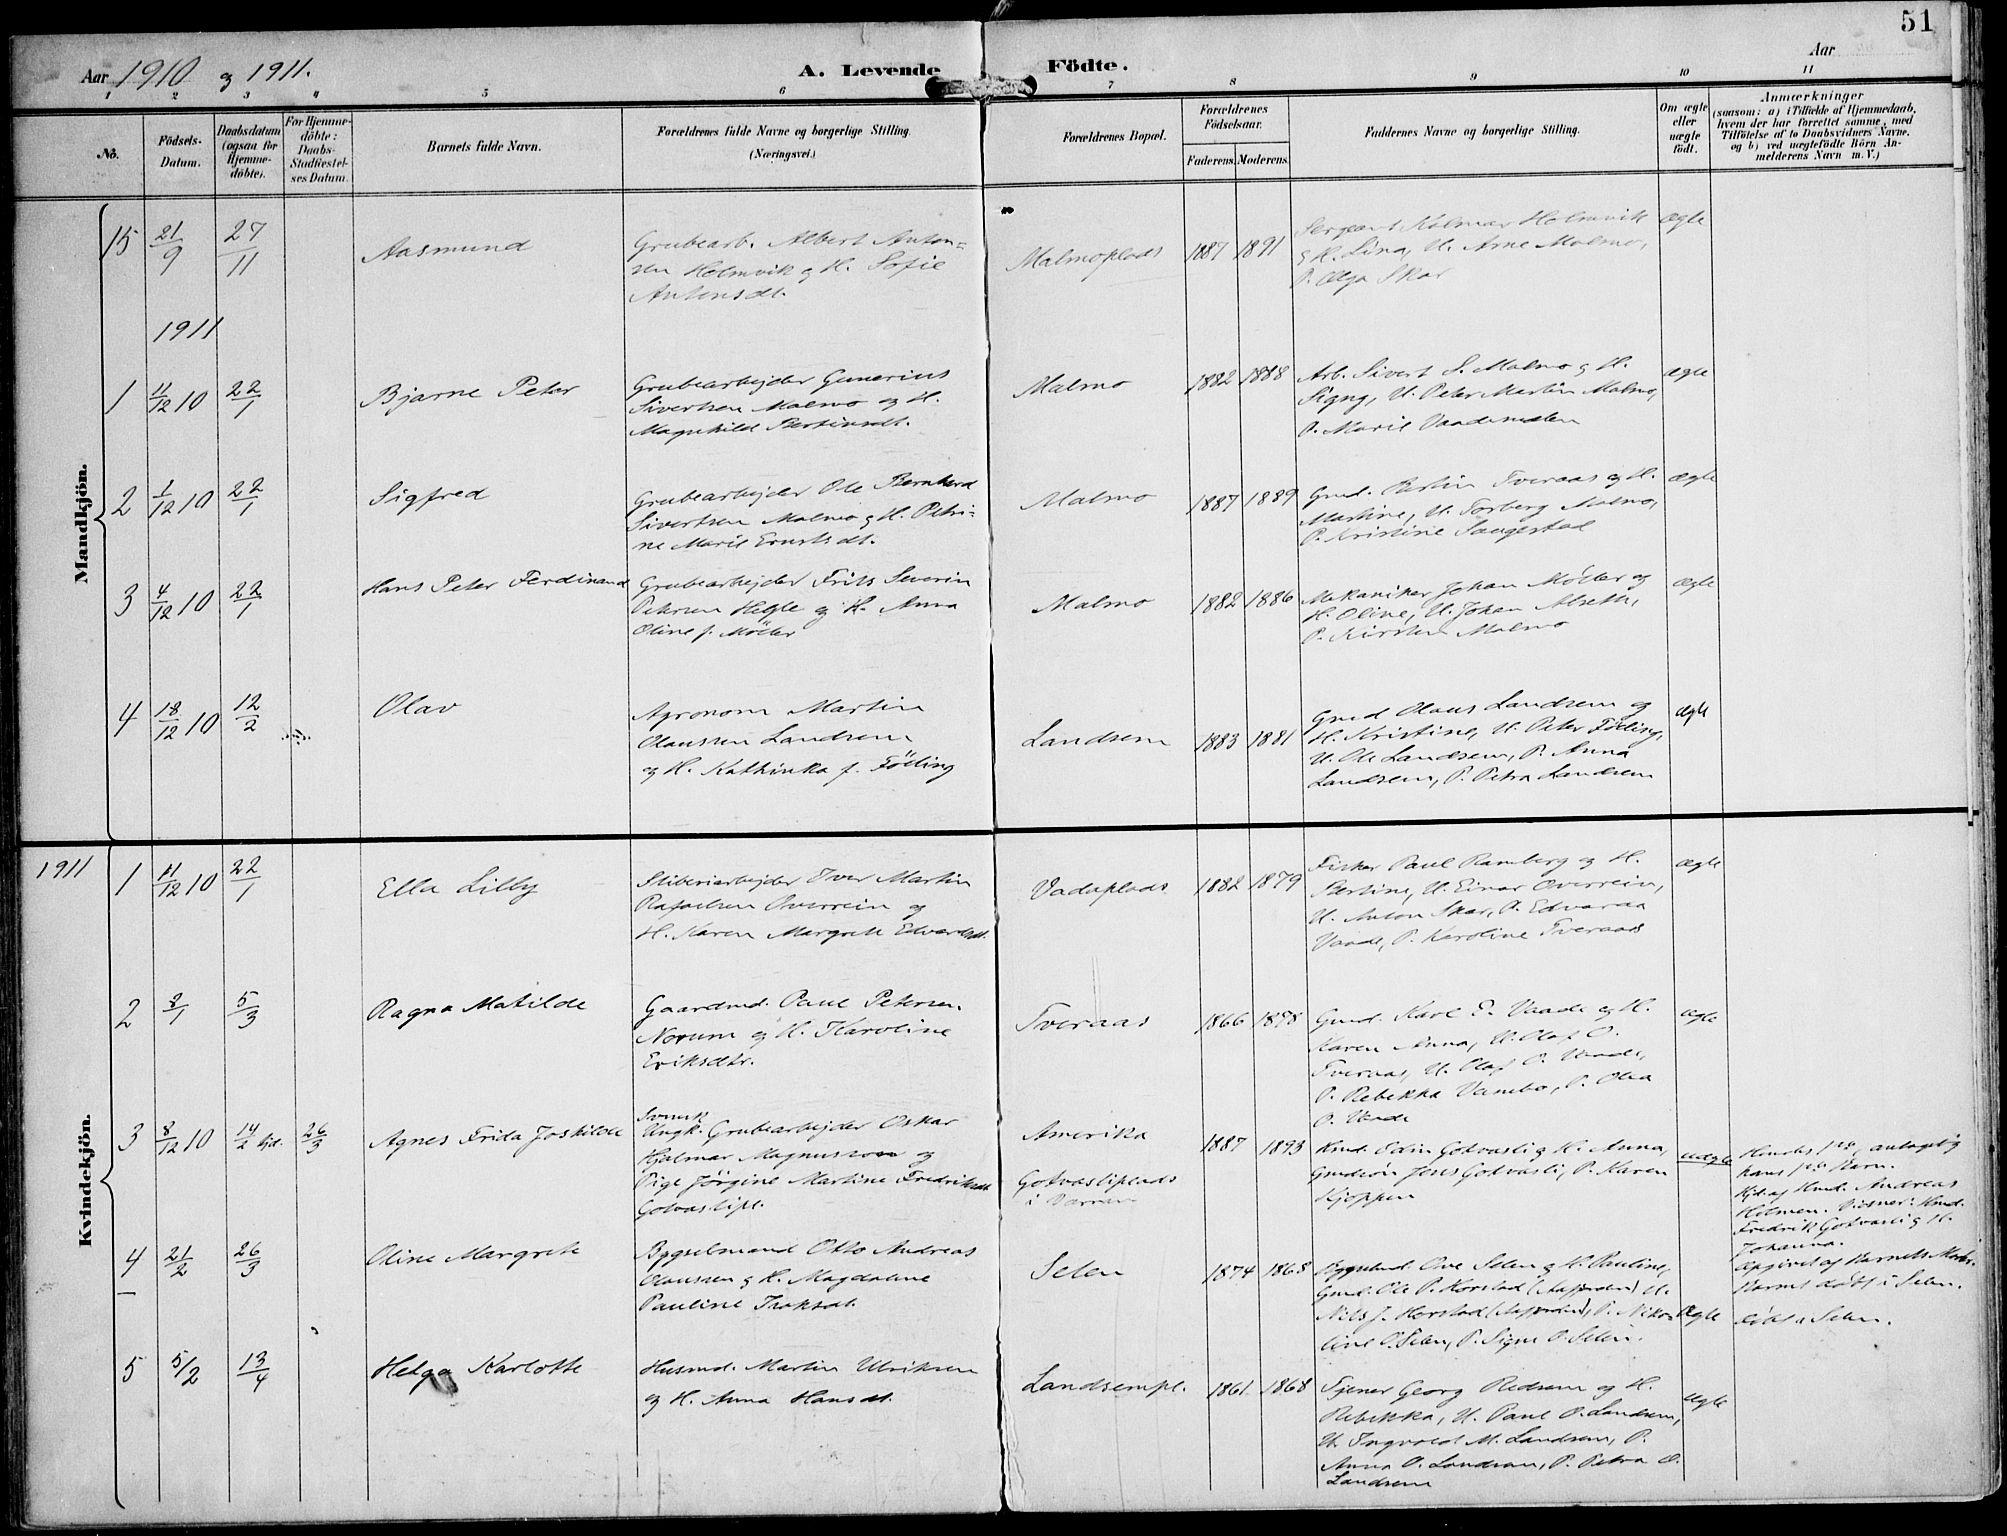 SAT, Ministerialprotokoller, klokkerbøker og fødselsregistre - Nord-Trøndelag, 745/L0430: Ministerialbok nr. 745A02, 1895-1913, s. 51